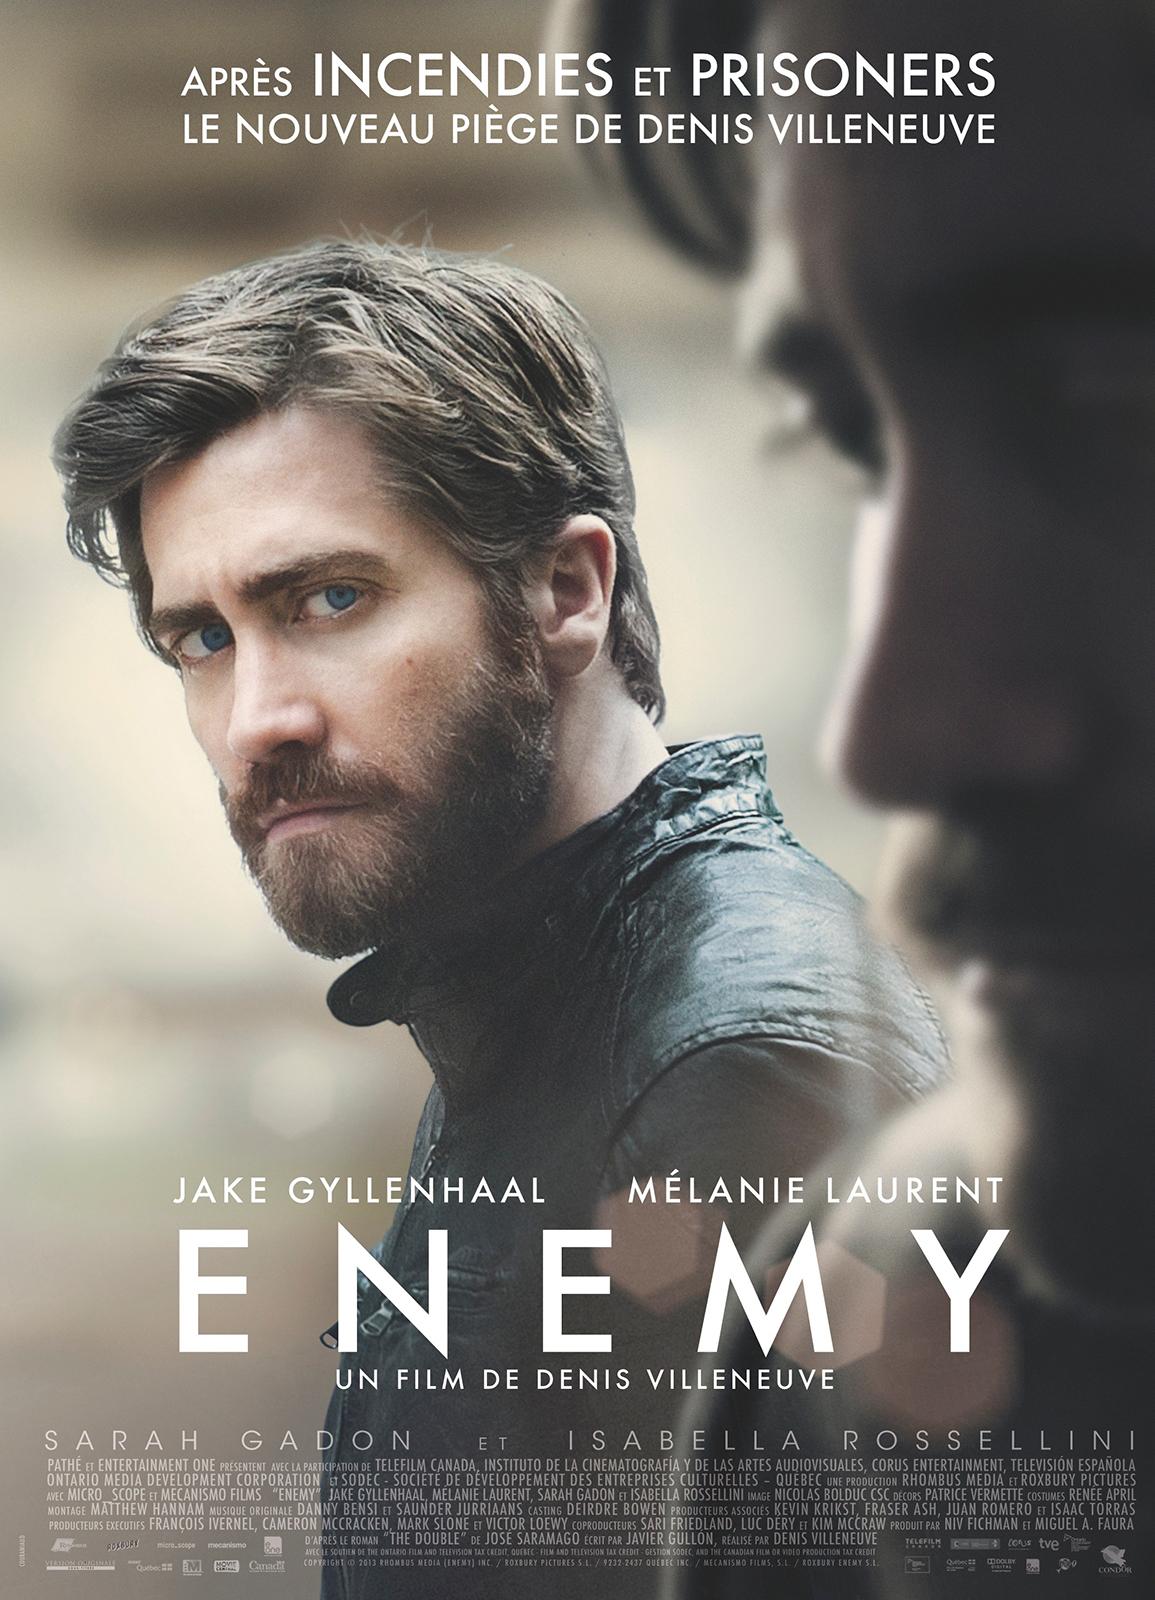 """Résultat de recherche d'images pour """"enemy affiche"""""""